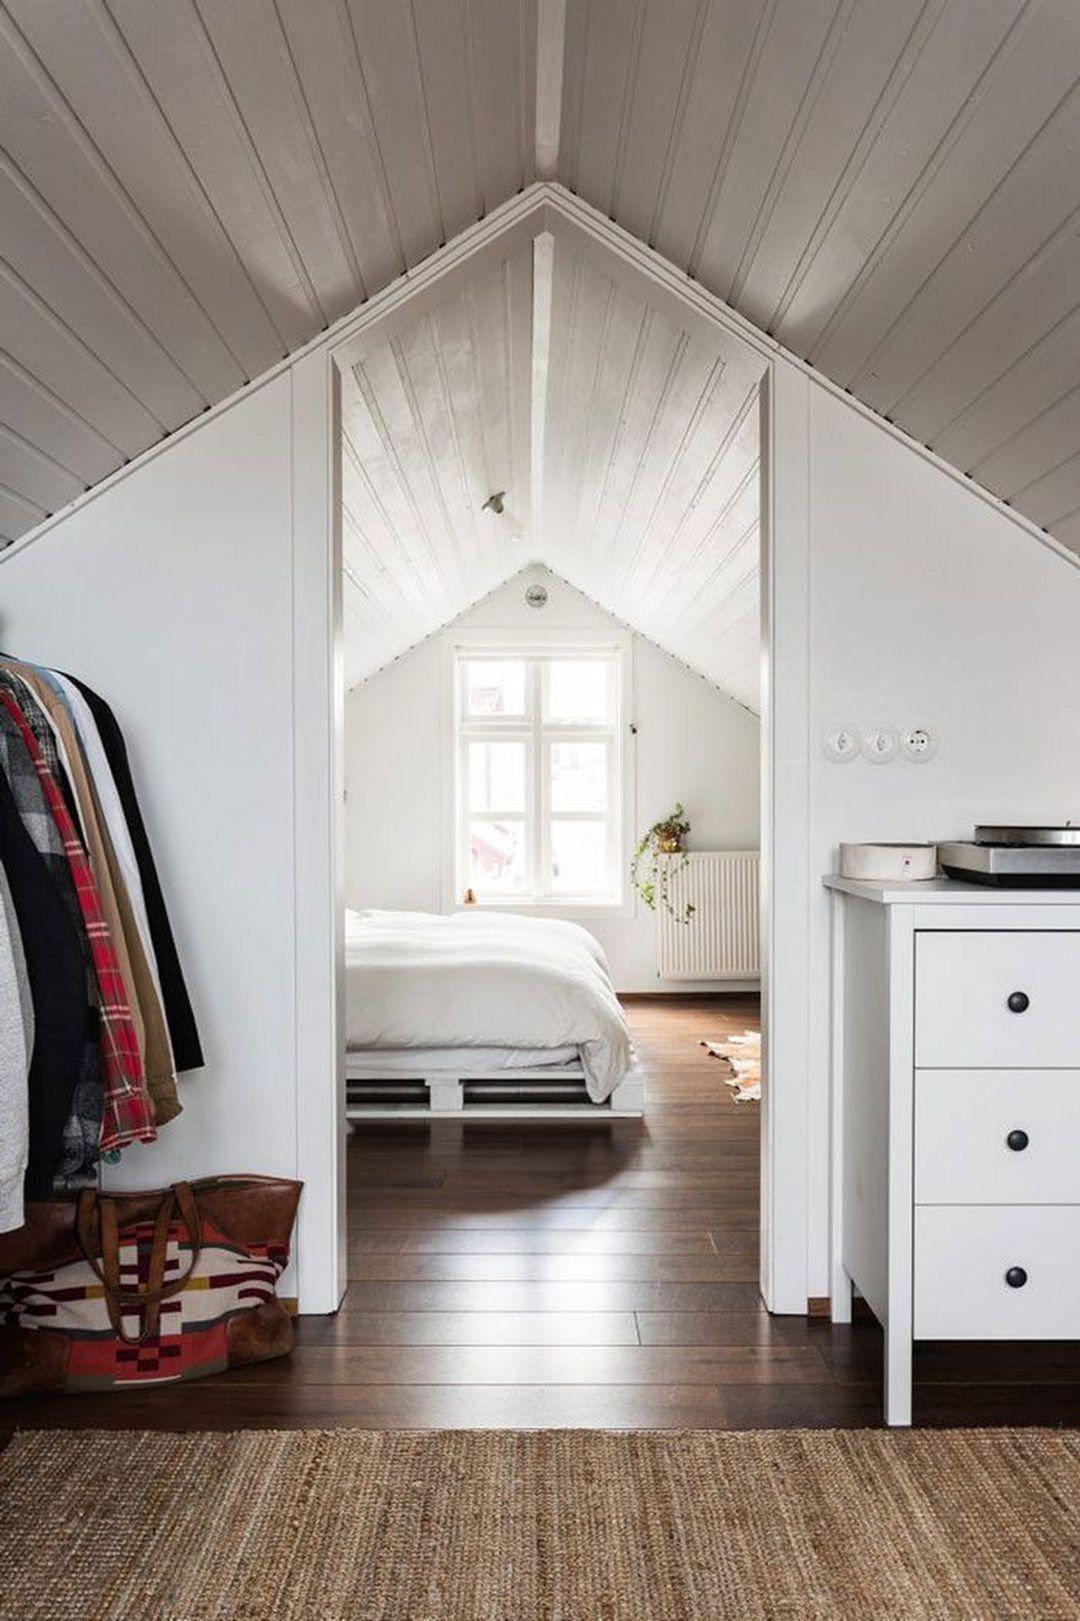 Photo of 25 idee di design per la camera da letto a soppalco stupefacenti e belle per la migliore ispirazione